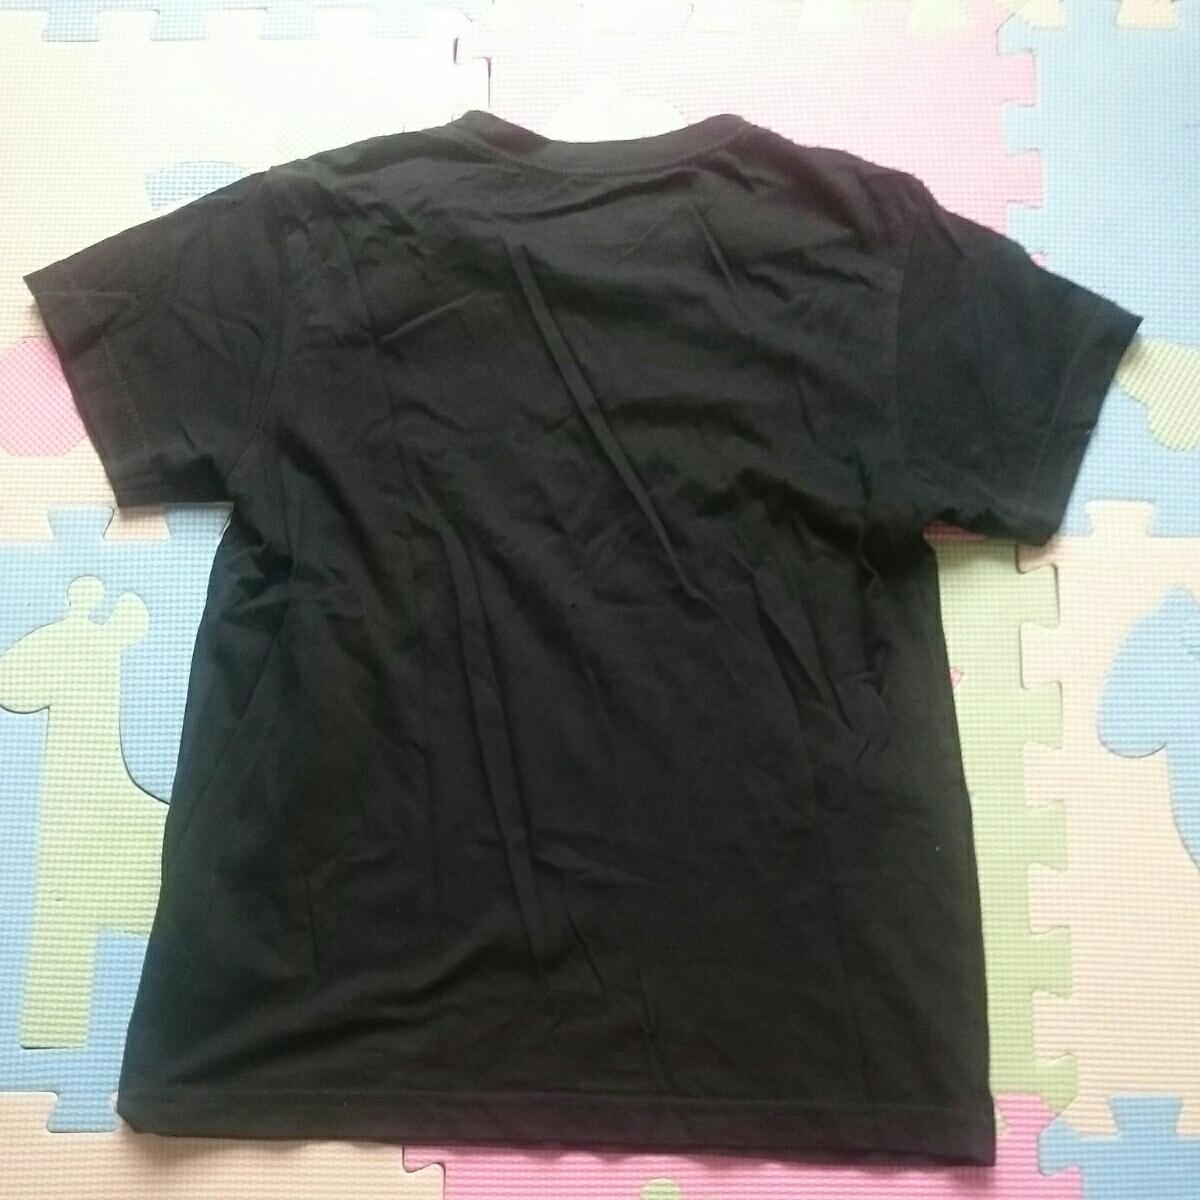 【即決!!】男の子用半そでTシャツ2枚セット 150㎝ ④ブラック2枚 下着/インナーにも_画像7